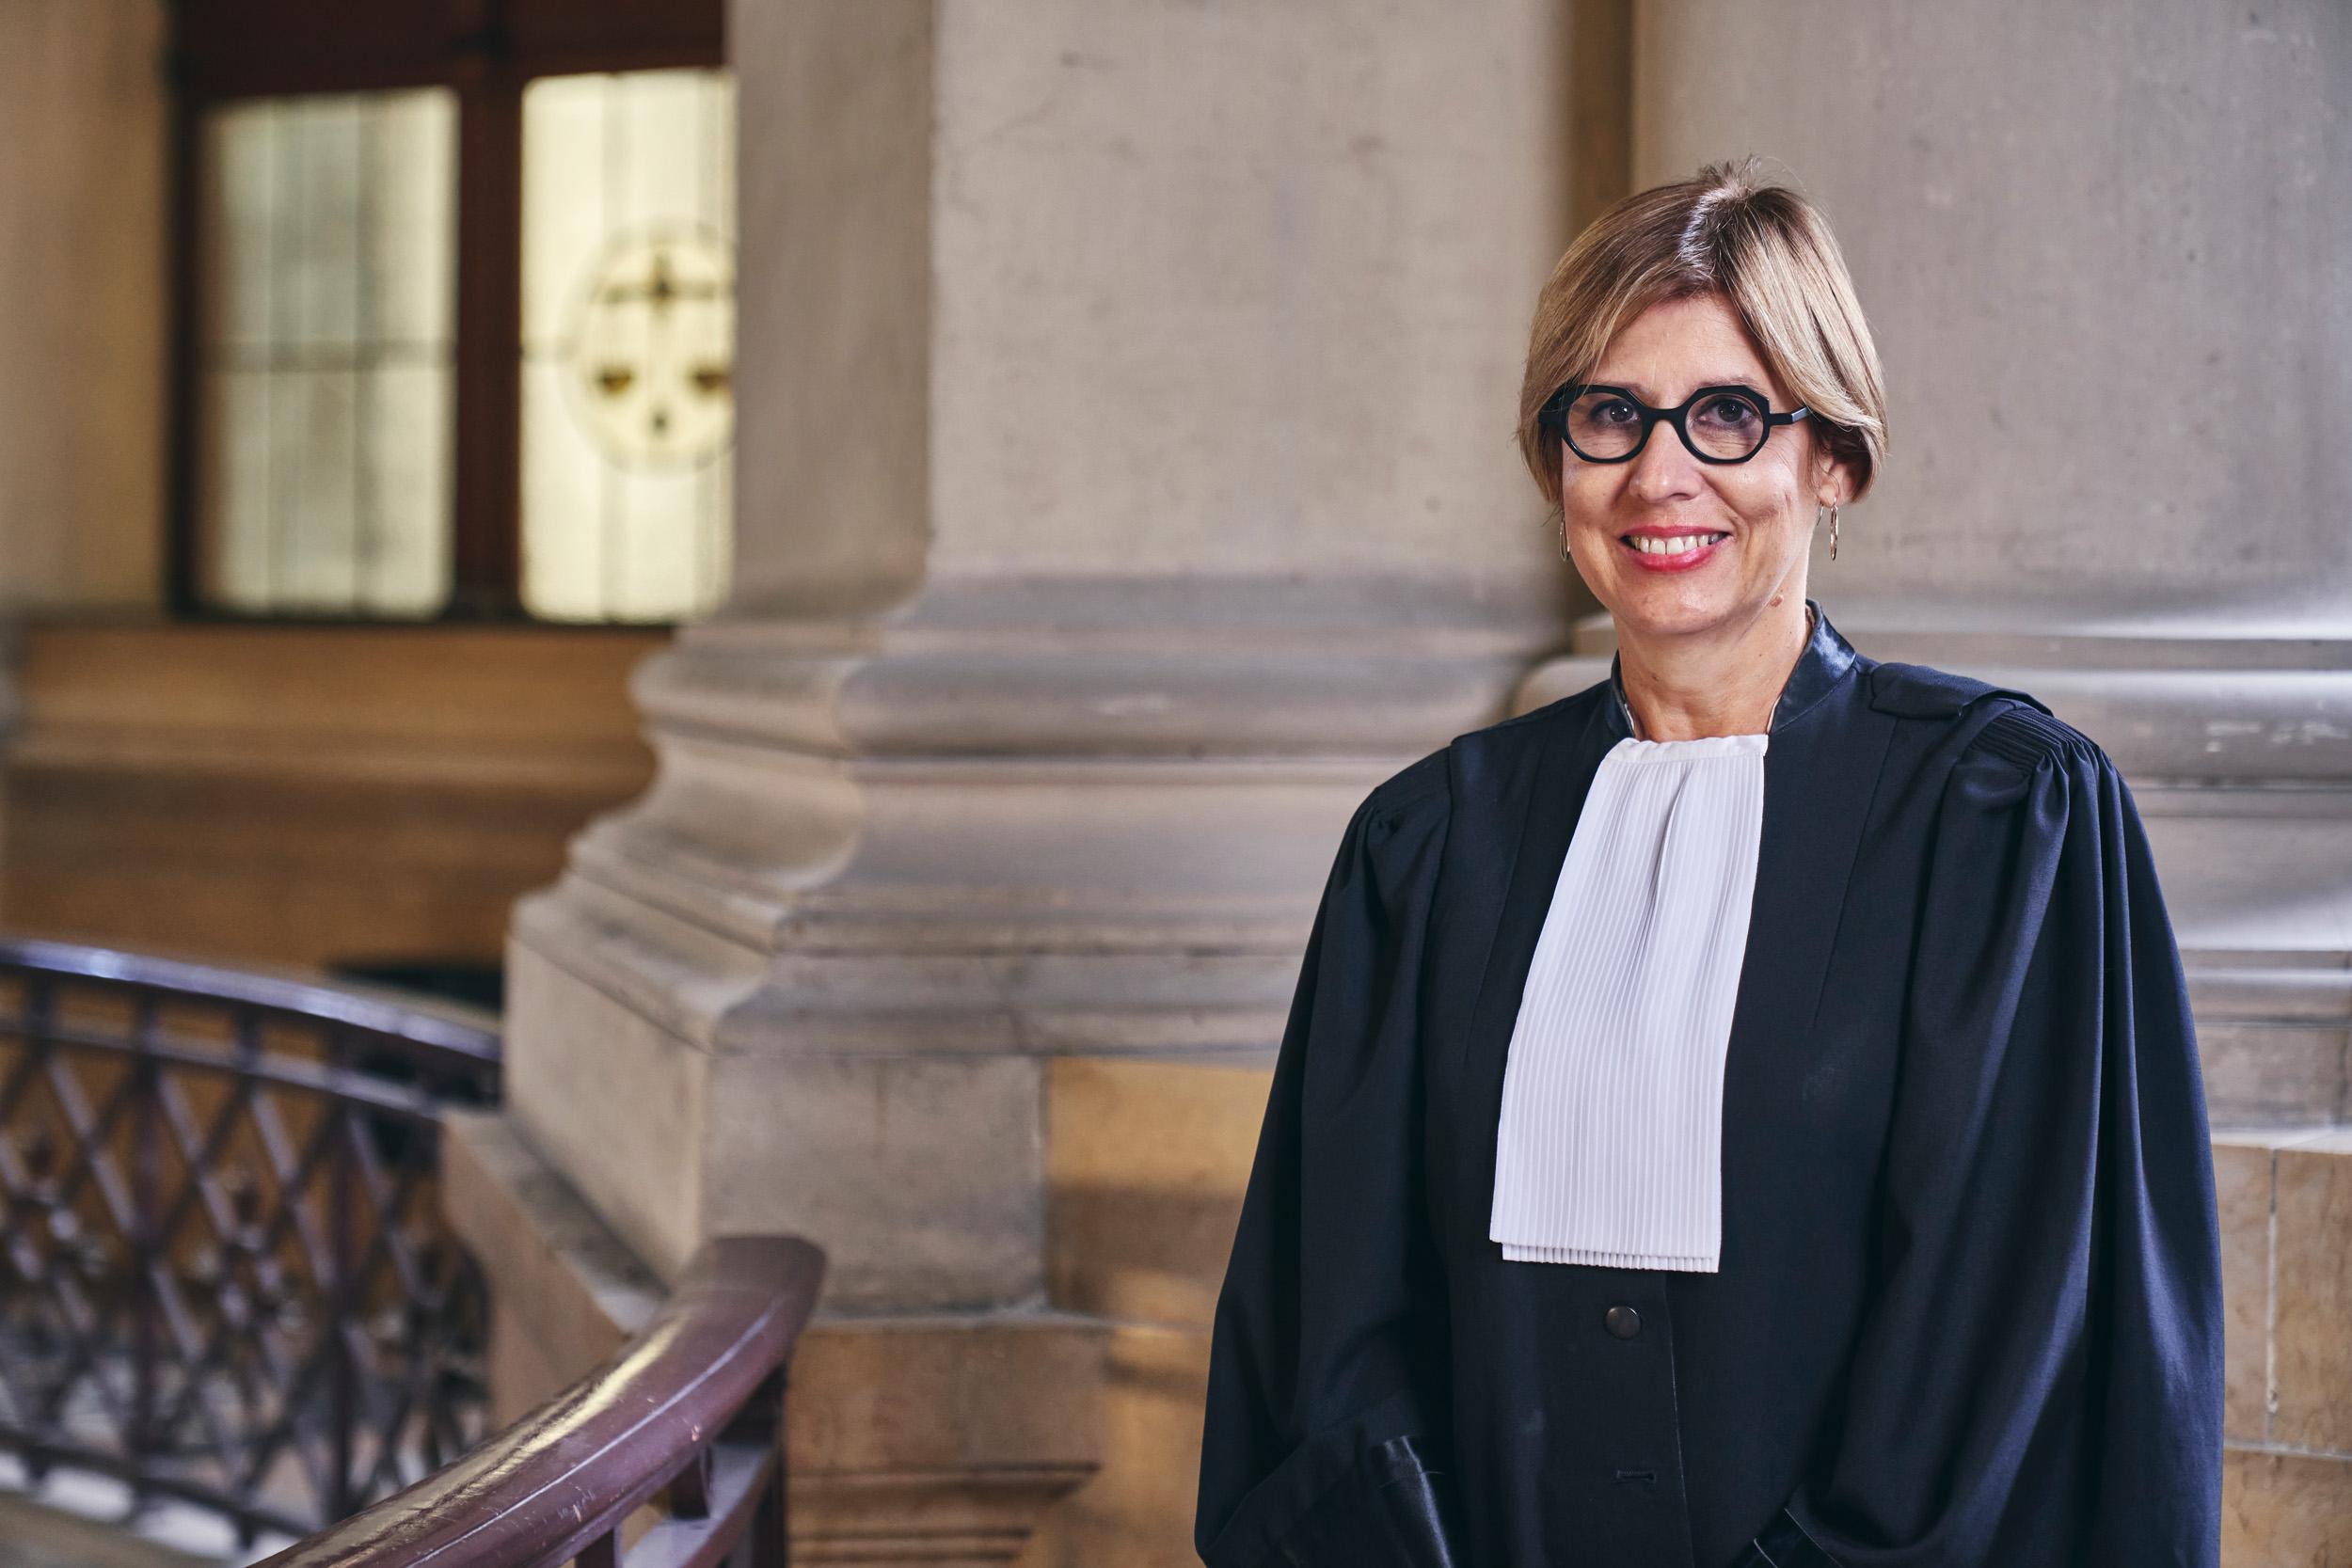 Anneleen Van Hout